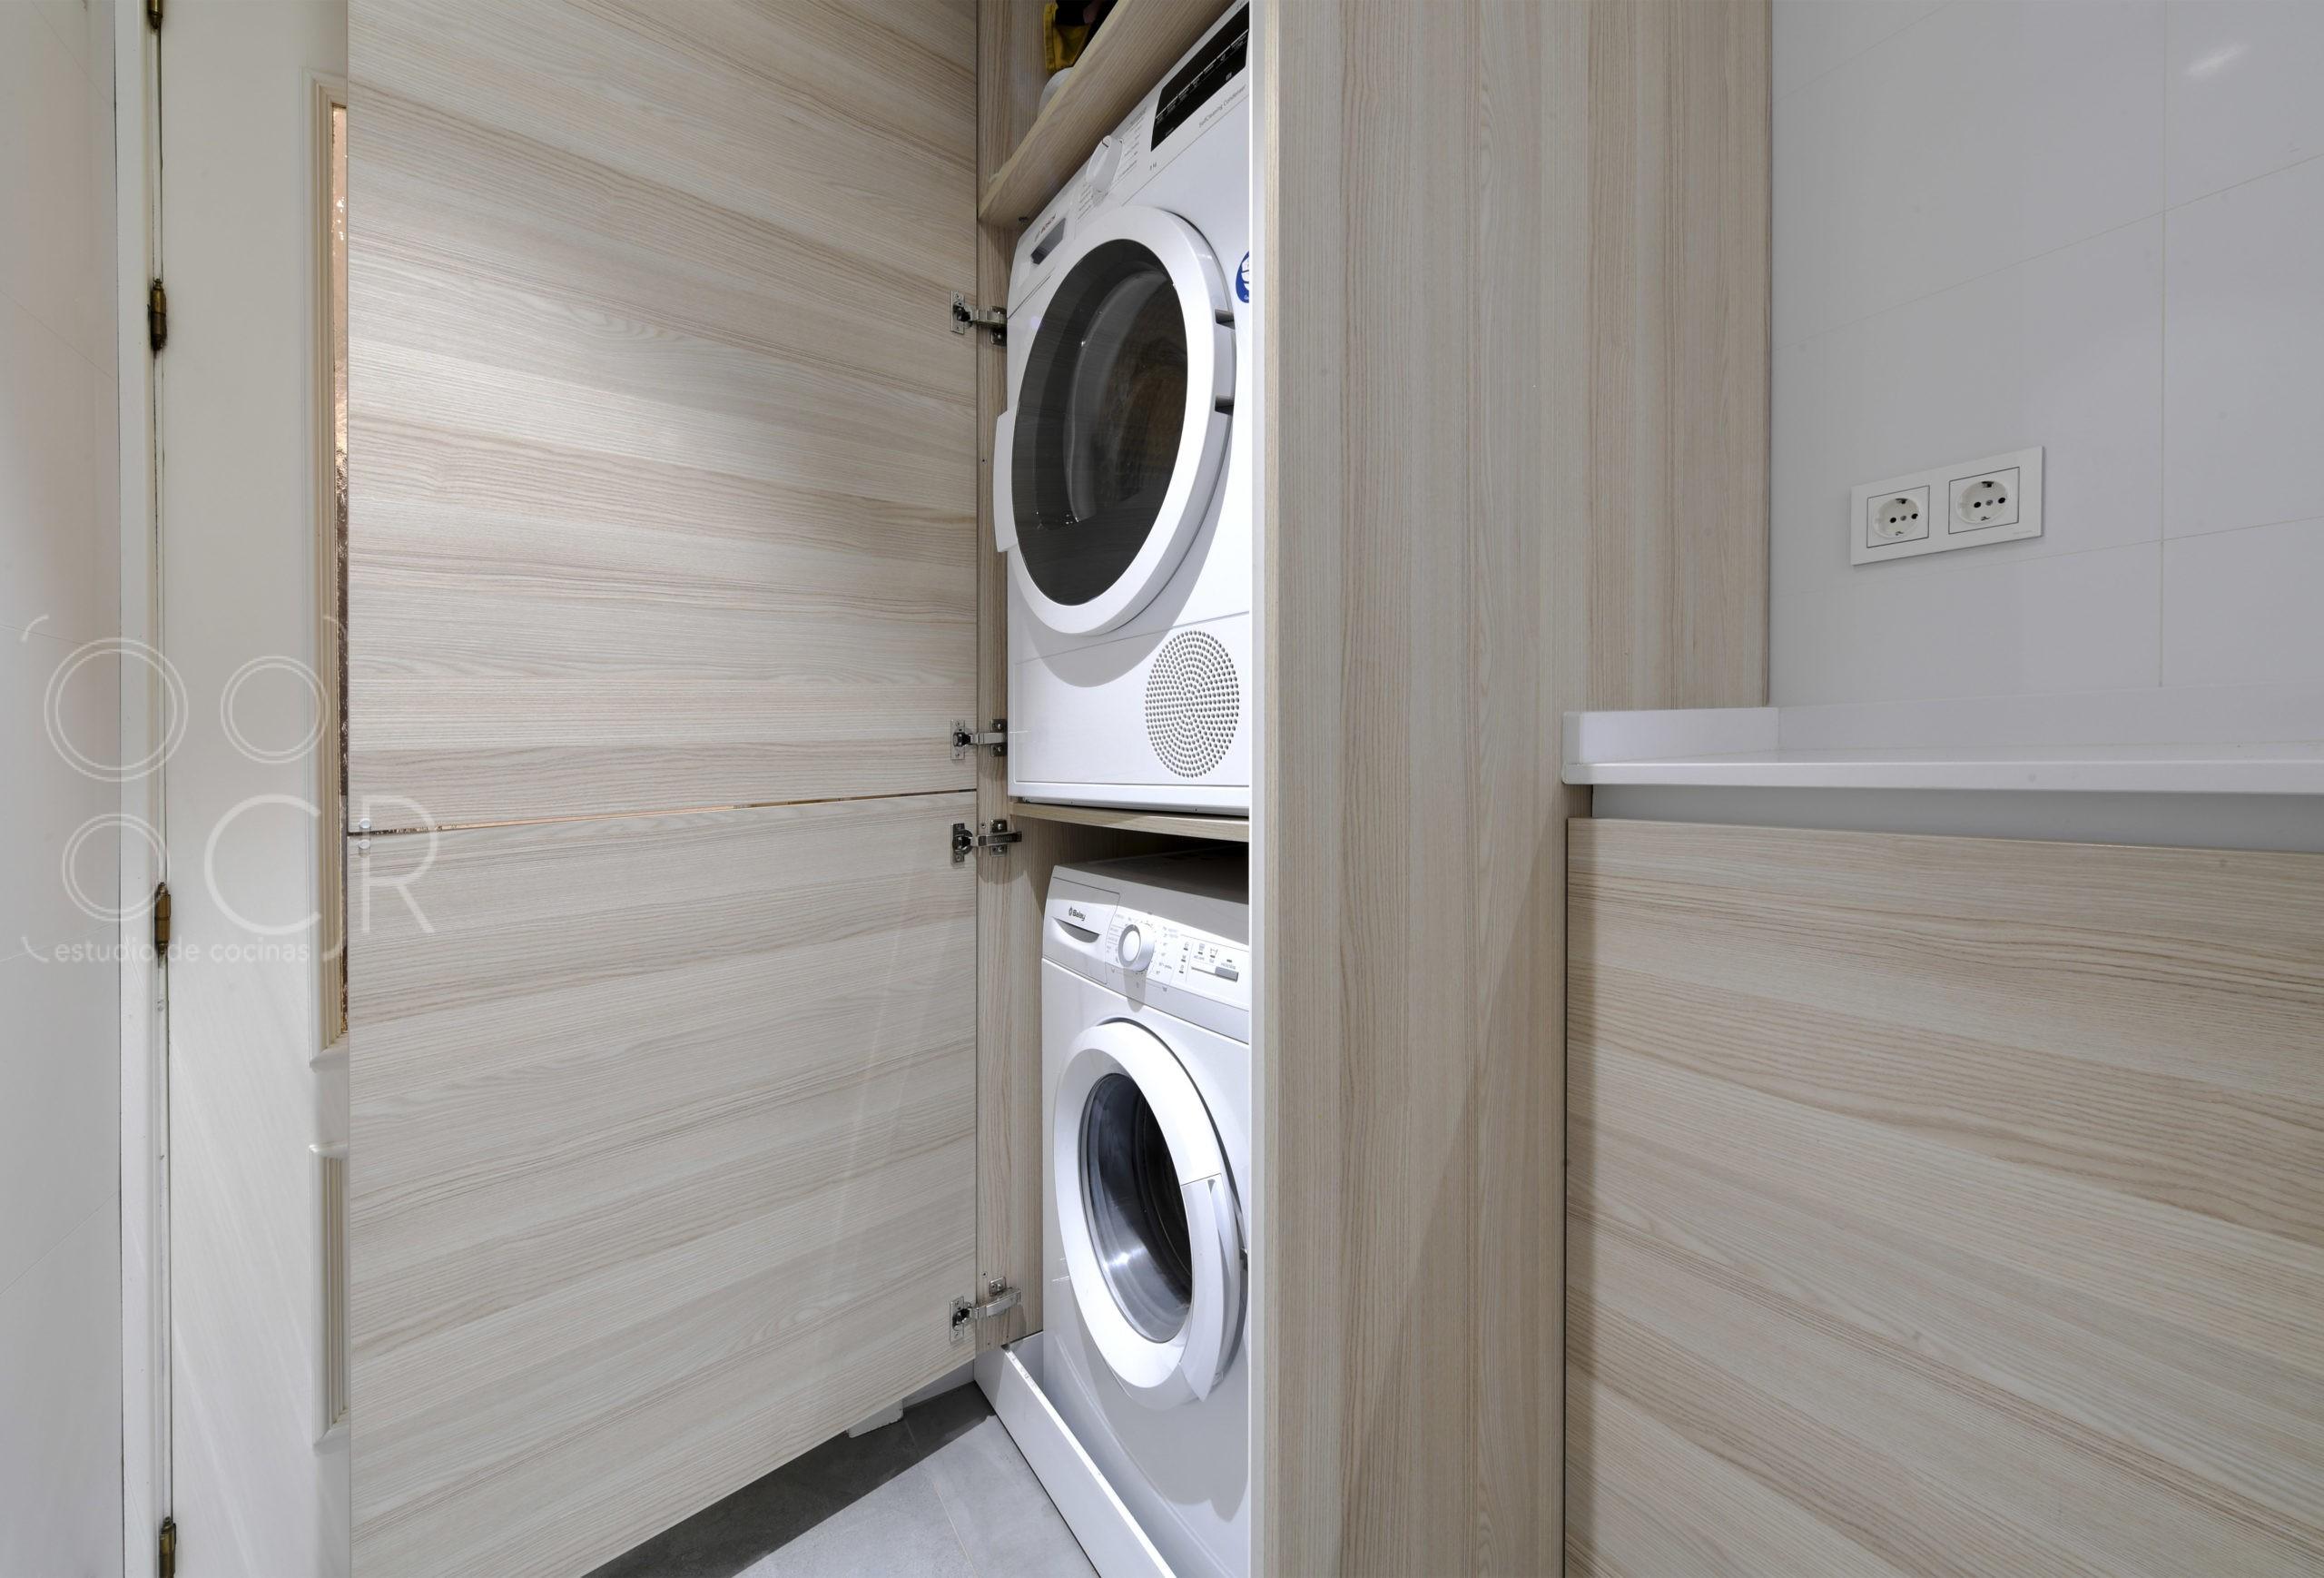 torre de lavadora y secadora integrada